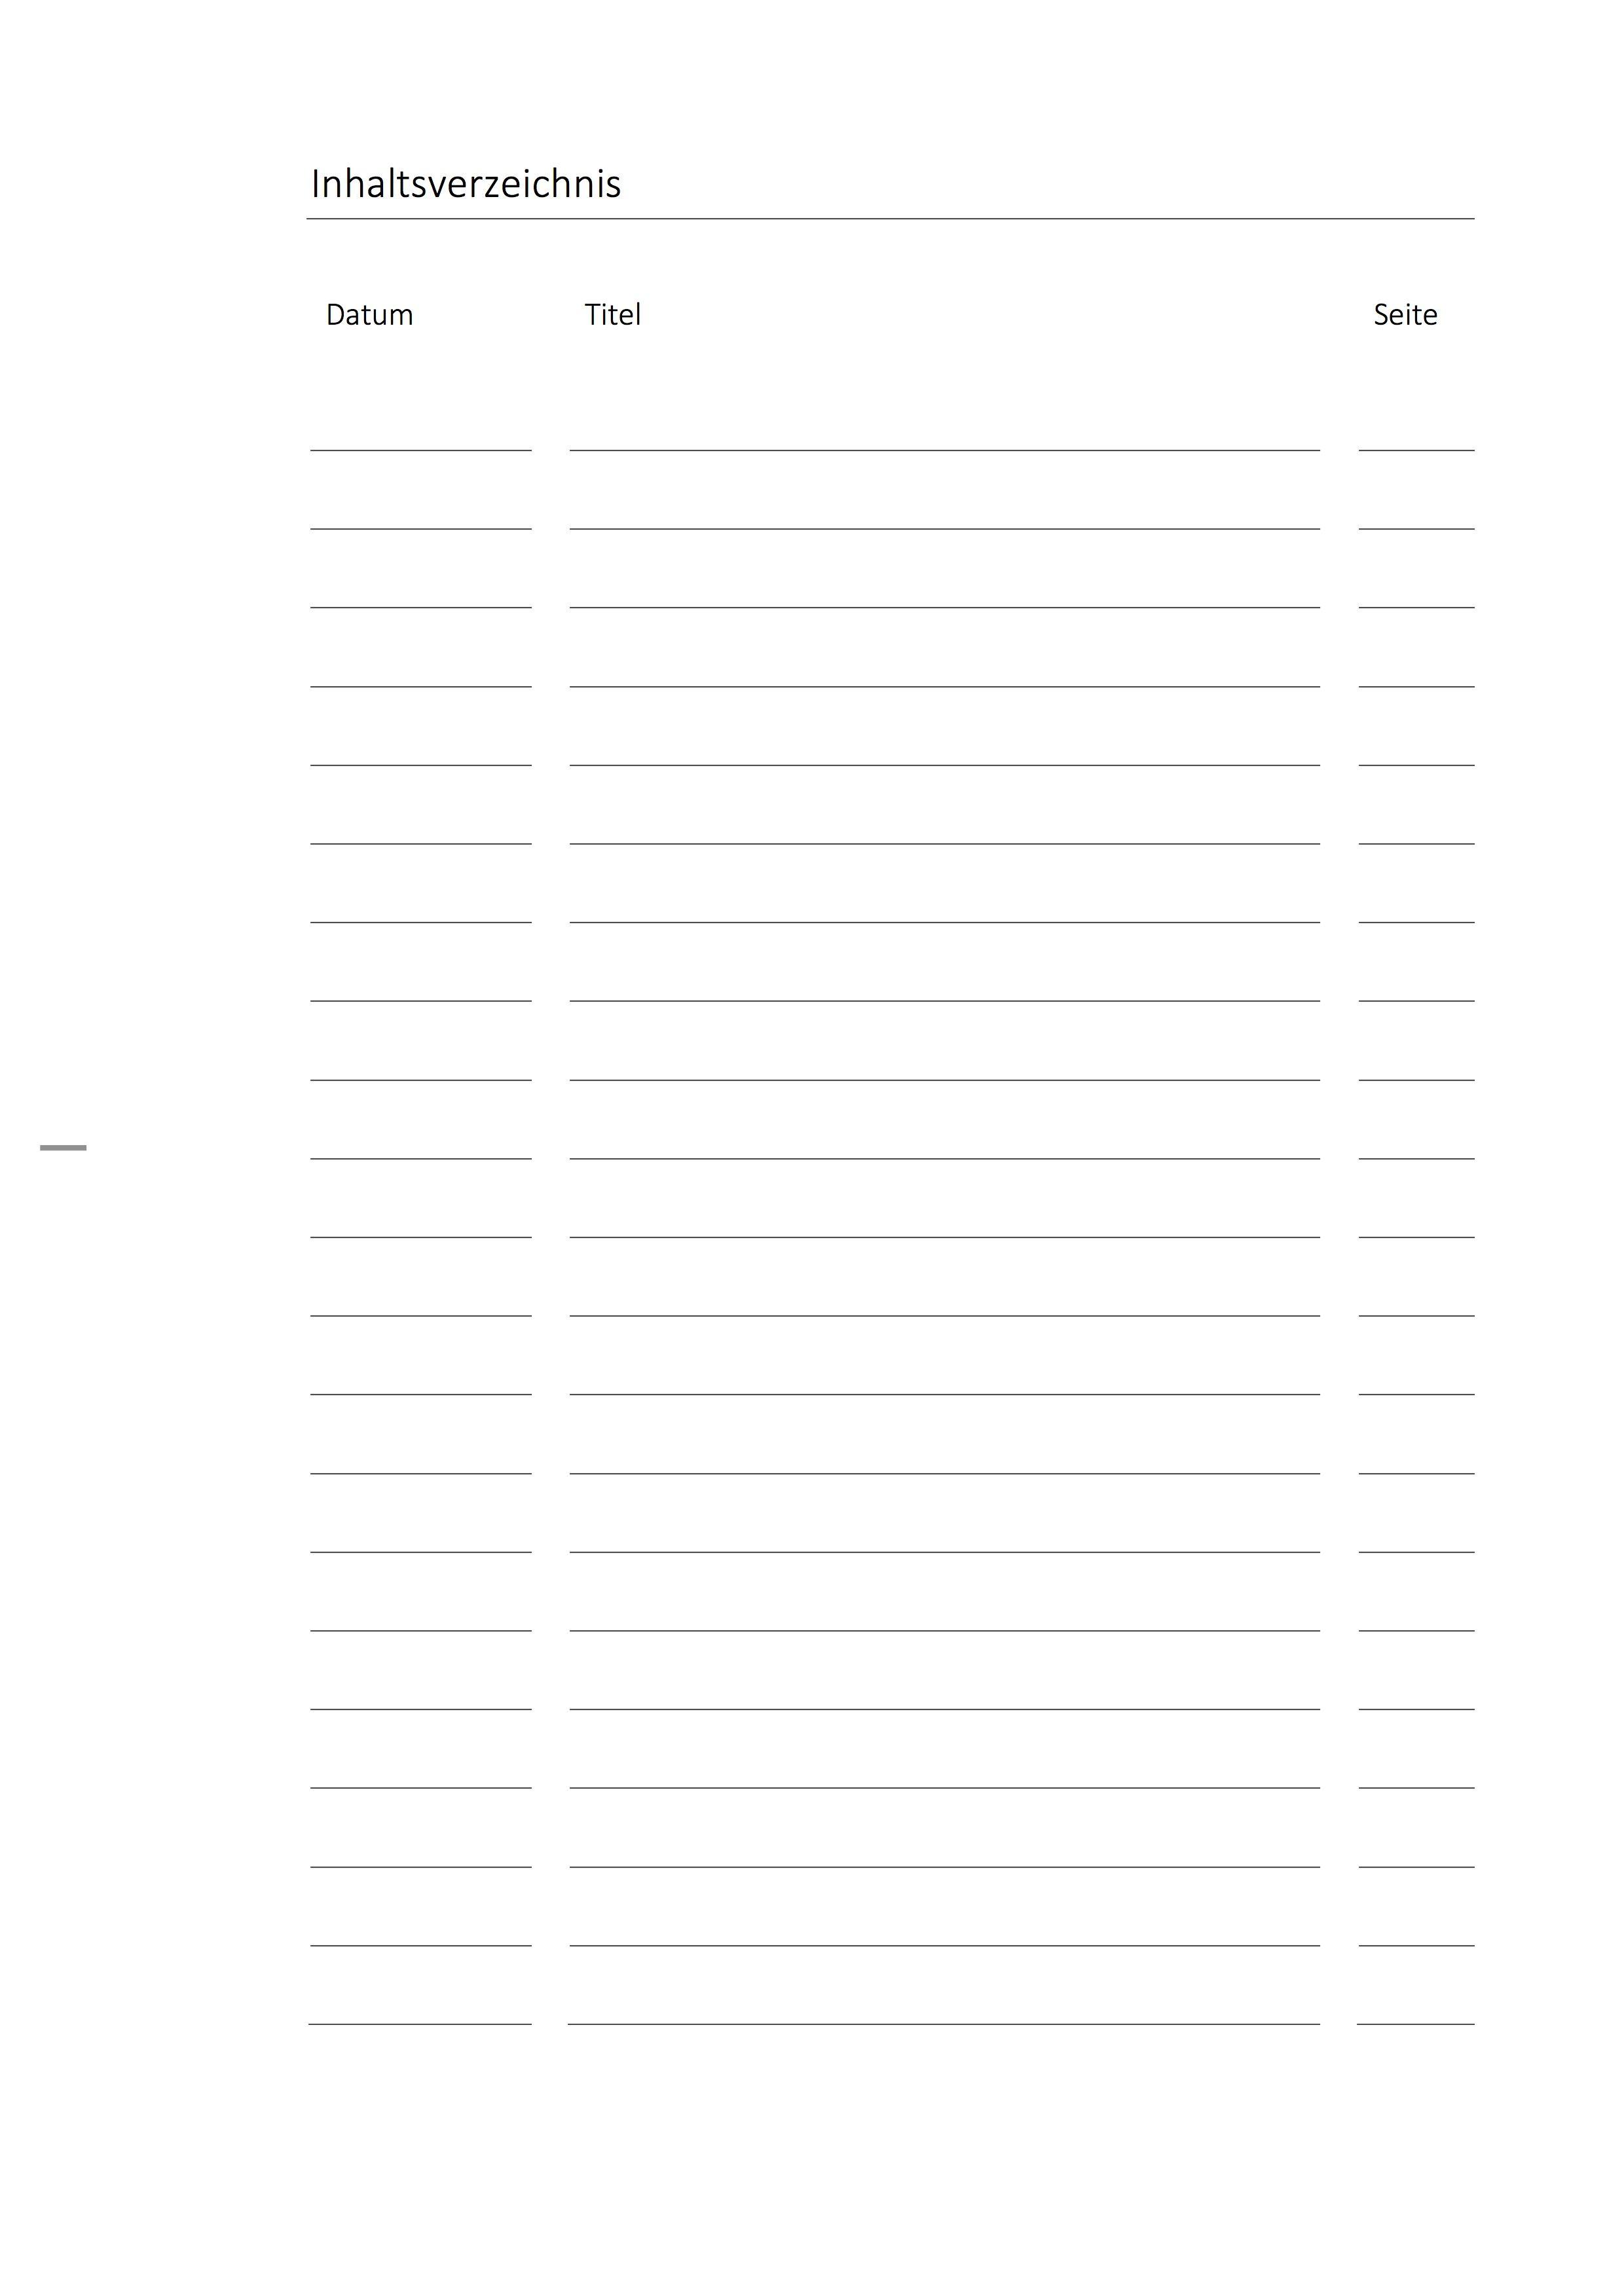 Inhaltsverzeichnis Zum Ausdrucken Schule: In Diesem Deckblatt-Paket Für Das Schulfach »Biologie